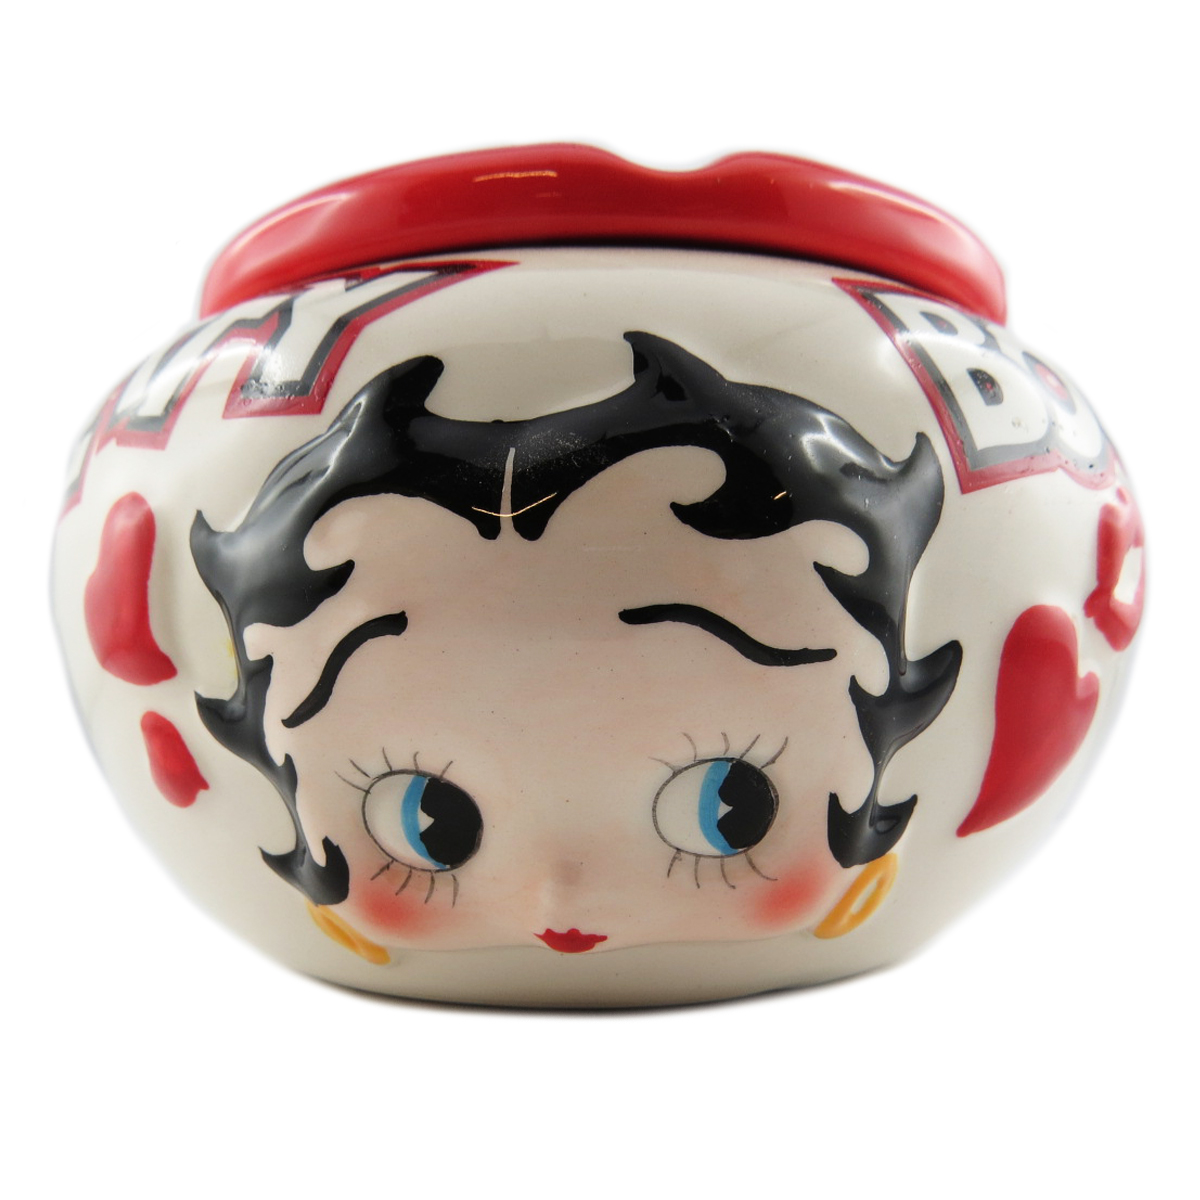 Cendrier marocain céramique \'Betty Boop\' rouge beige - 115x8 cm - [R1522]